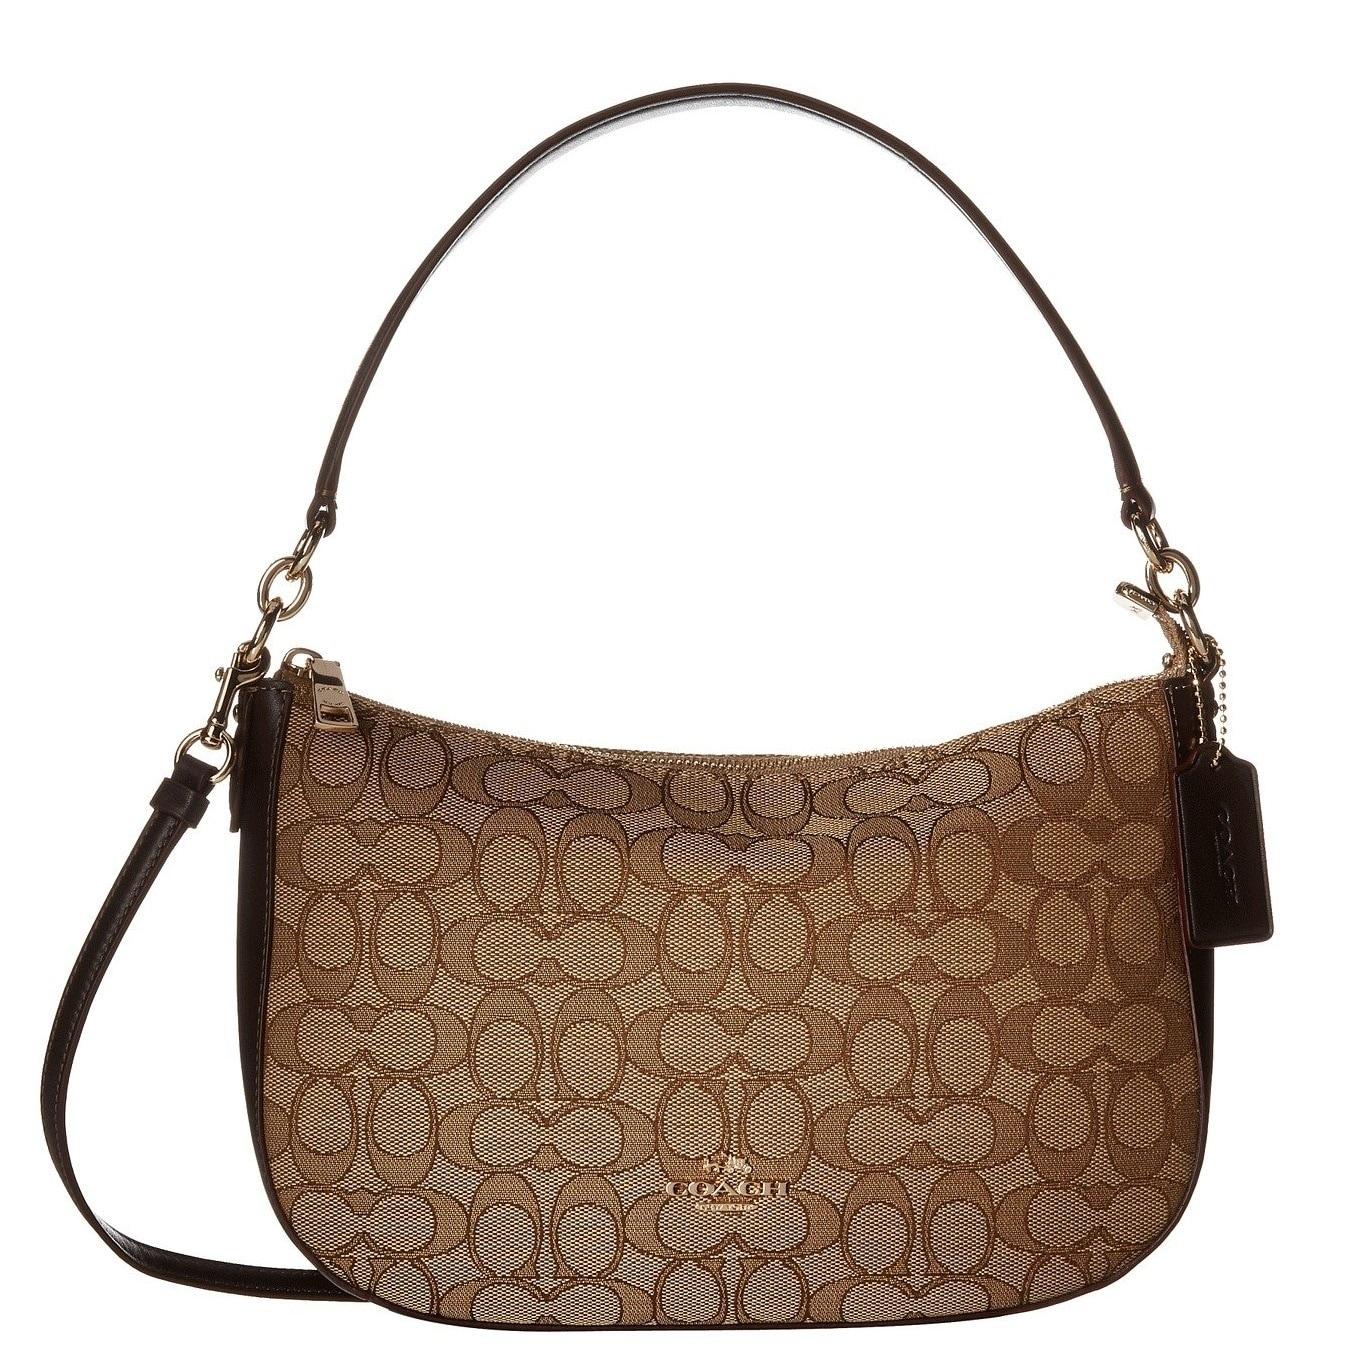 0ea71b03b ... shoulder bag 37e4d e8463; cheap coach chelsea signature brown crossbody  handbag 838d6 0362d